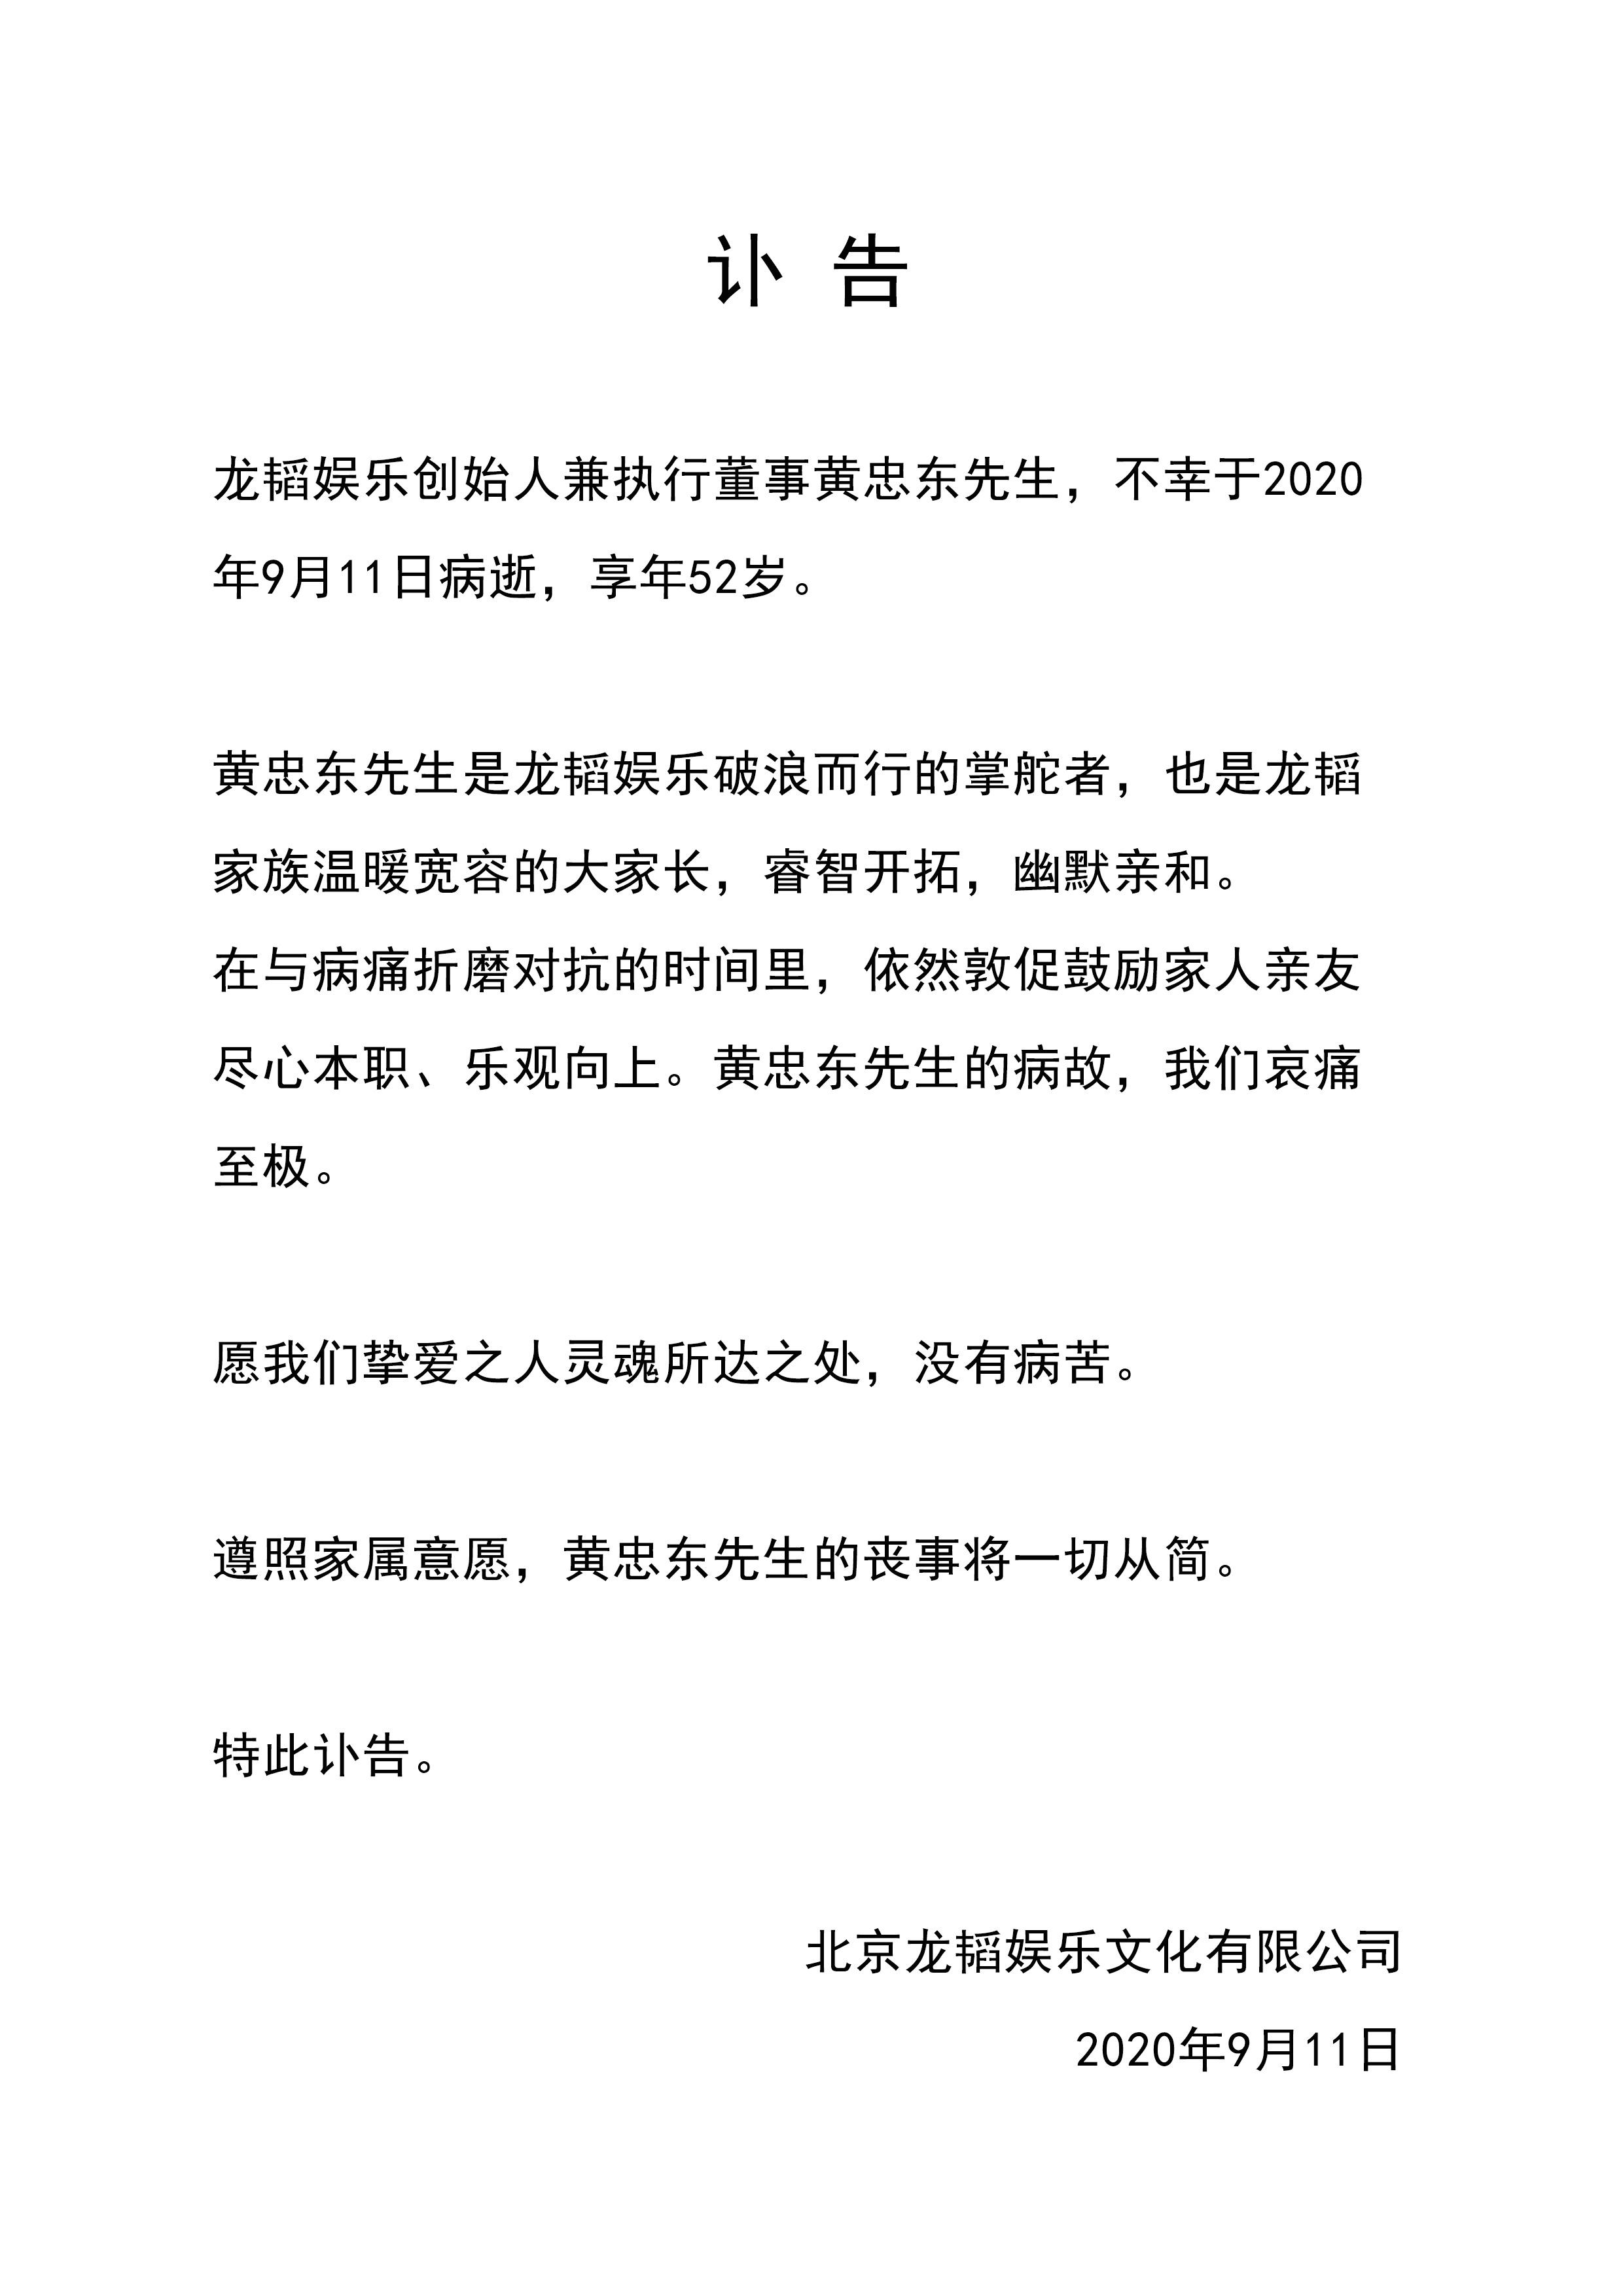 太突然!黄子韬爸爸因病去世,年仅52岁,粉丝留言惹人泪目